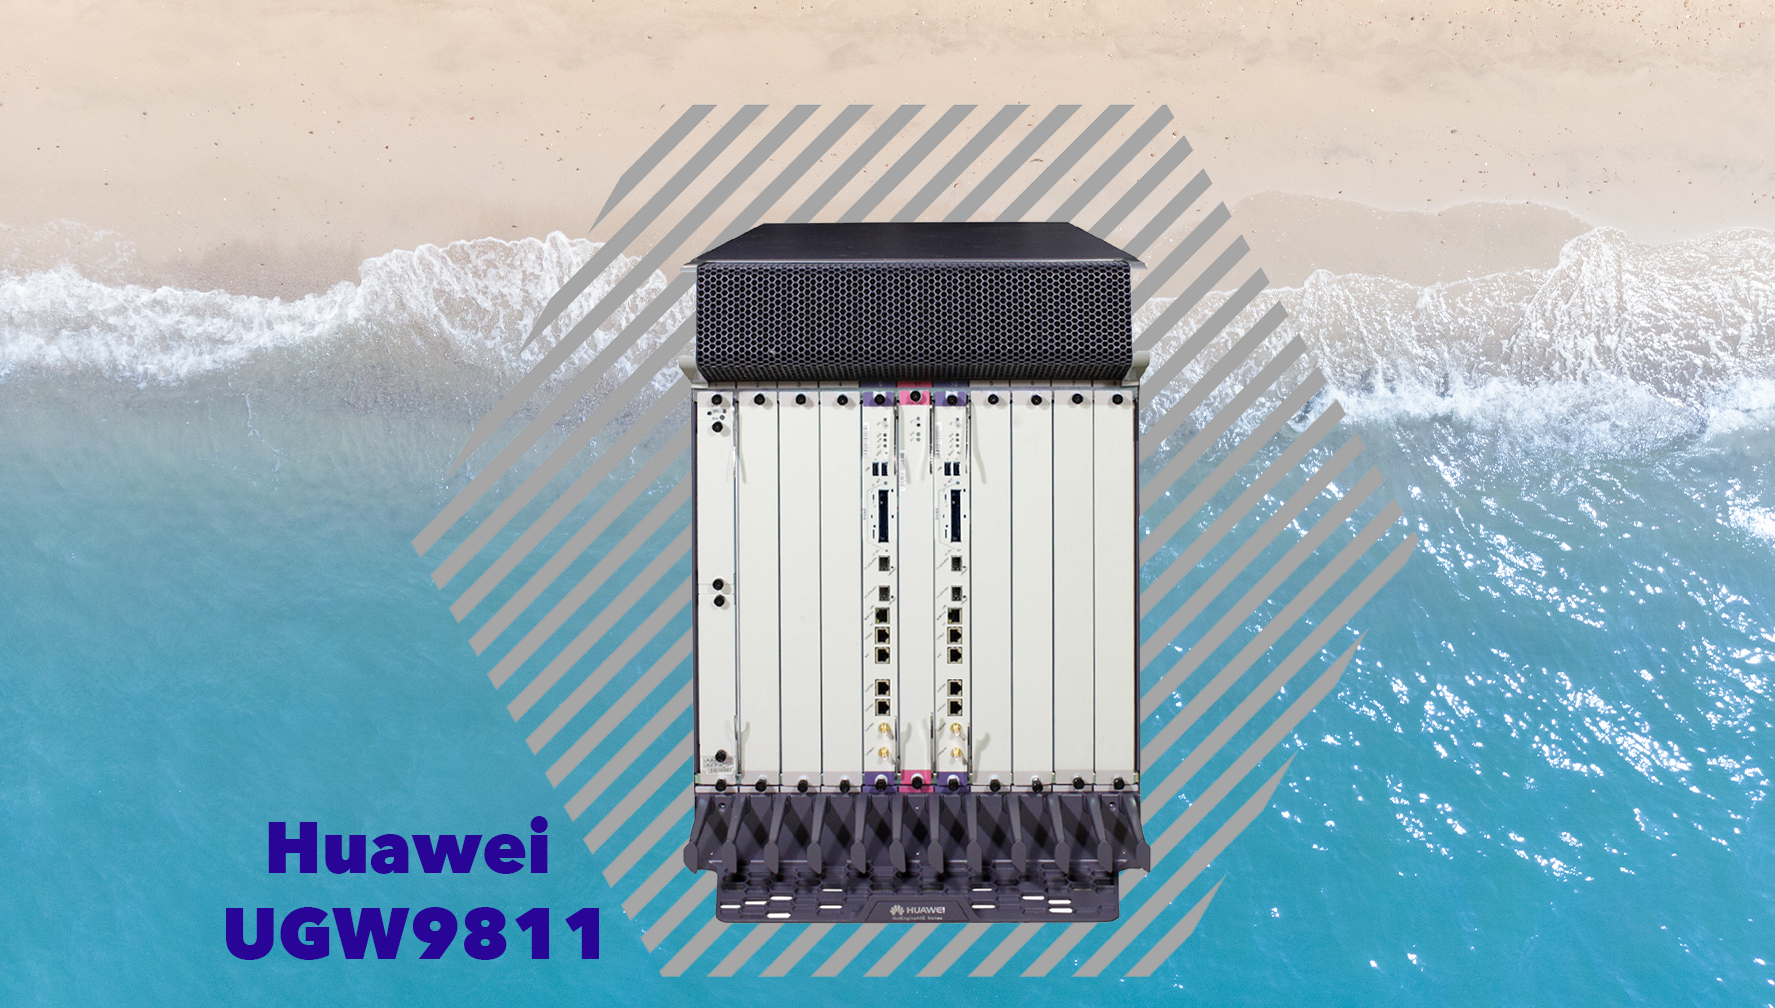 Huawei_UGW9811